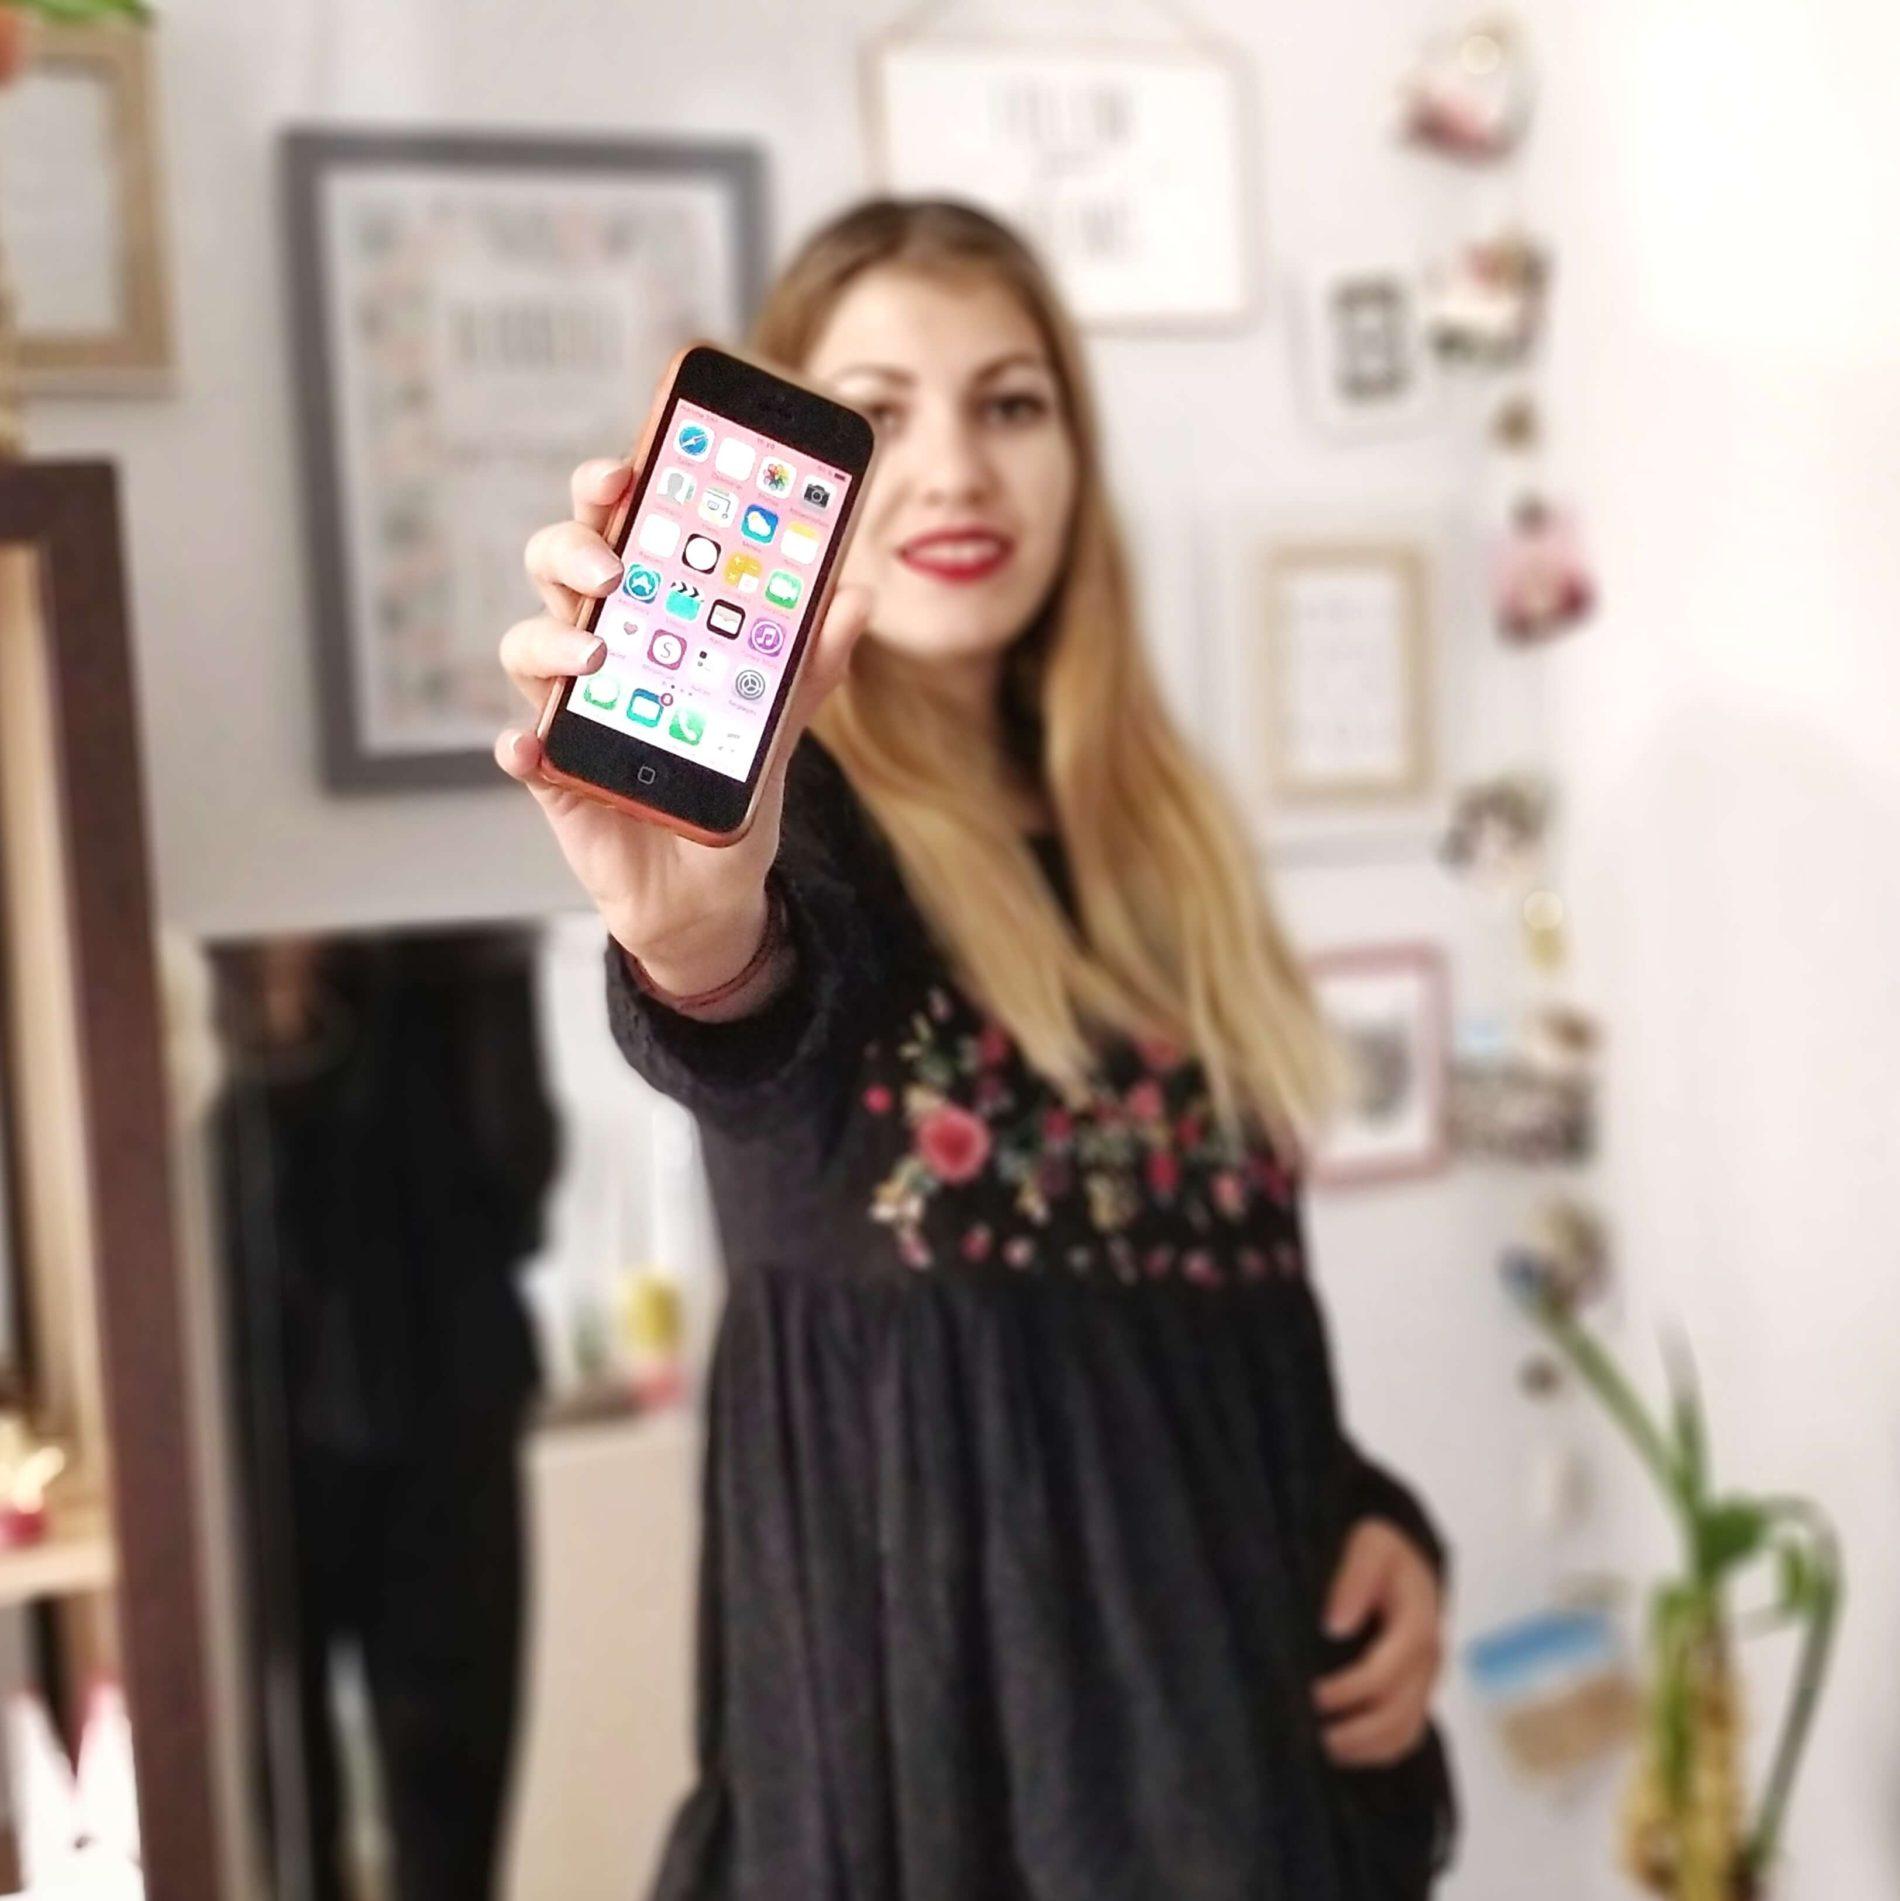 applications utiles bon plan téléphone 1900x1901 - Les meilleures applications utiles au quotidien